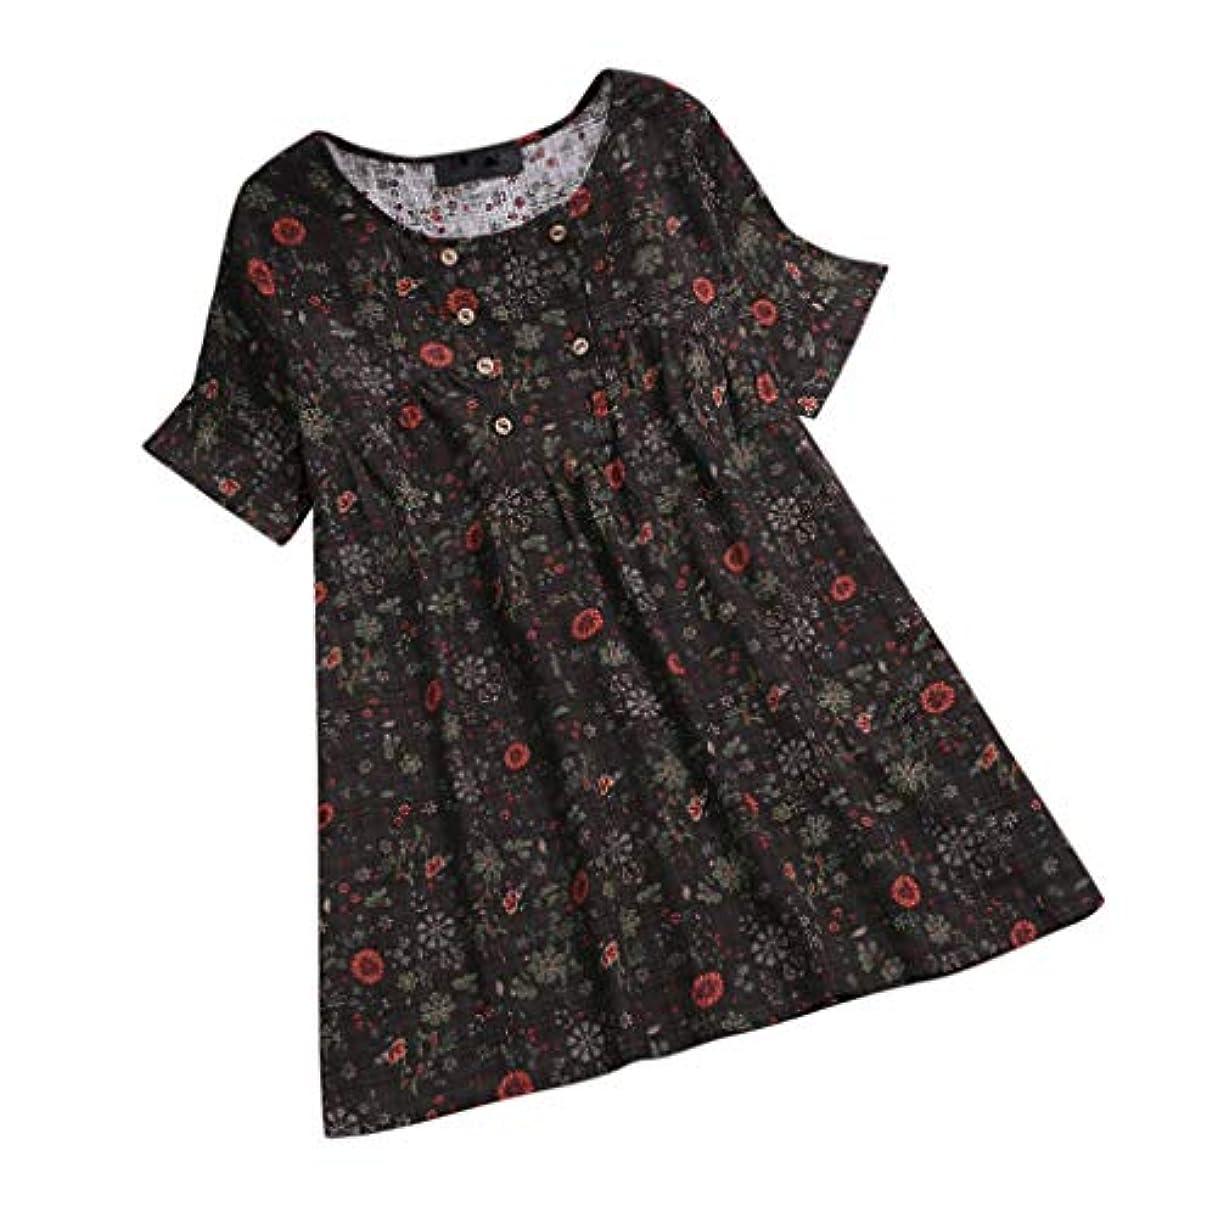 レディース tシャツ プラスサイズ 半袖 丸首 花柄 ボタン ビンテージ チュニック トップス 短いドレス ブラウス 人気 夏服 快適な 軽い 柔らかい かっこいい ワイシャツ カジュアル シンプル オシャレ 春夏秋 対応